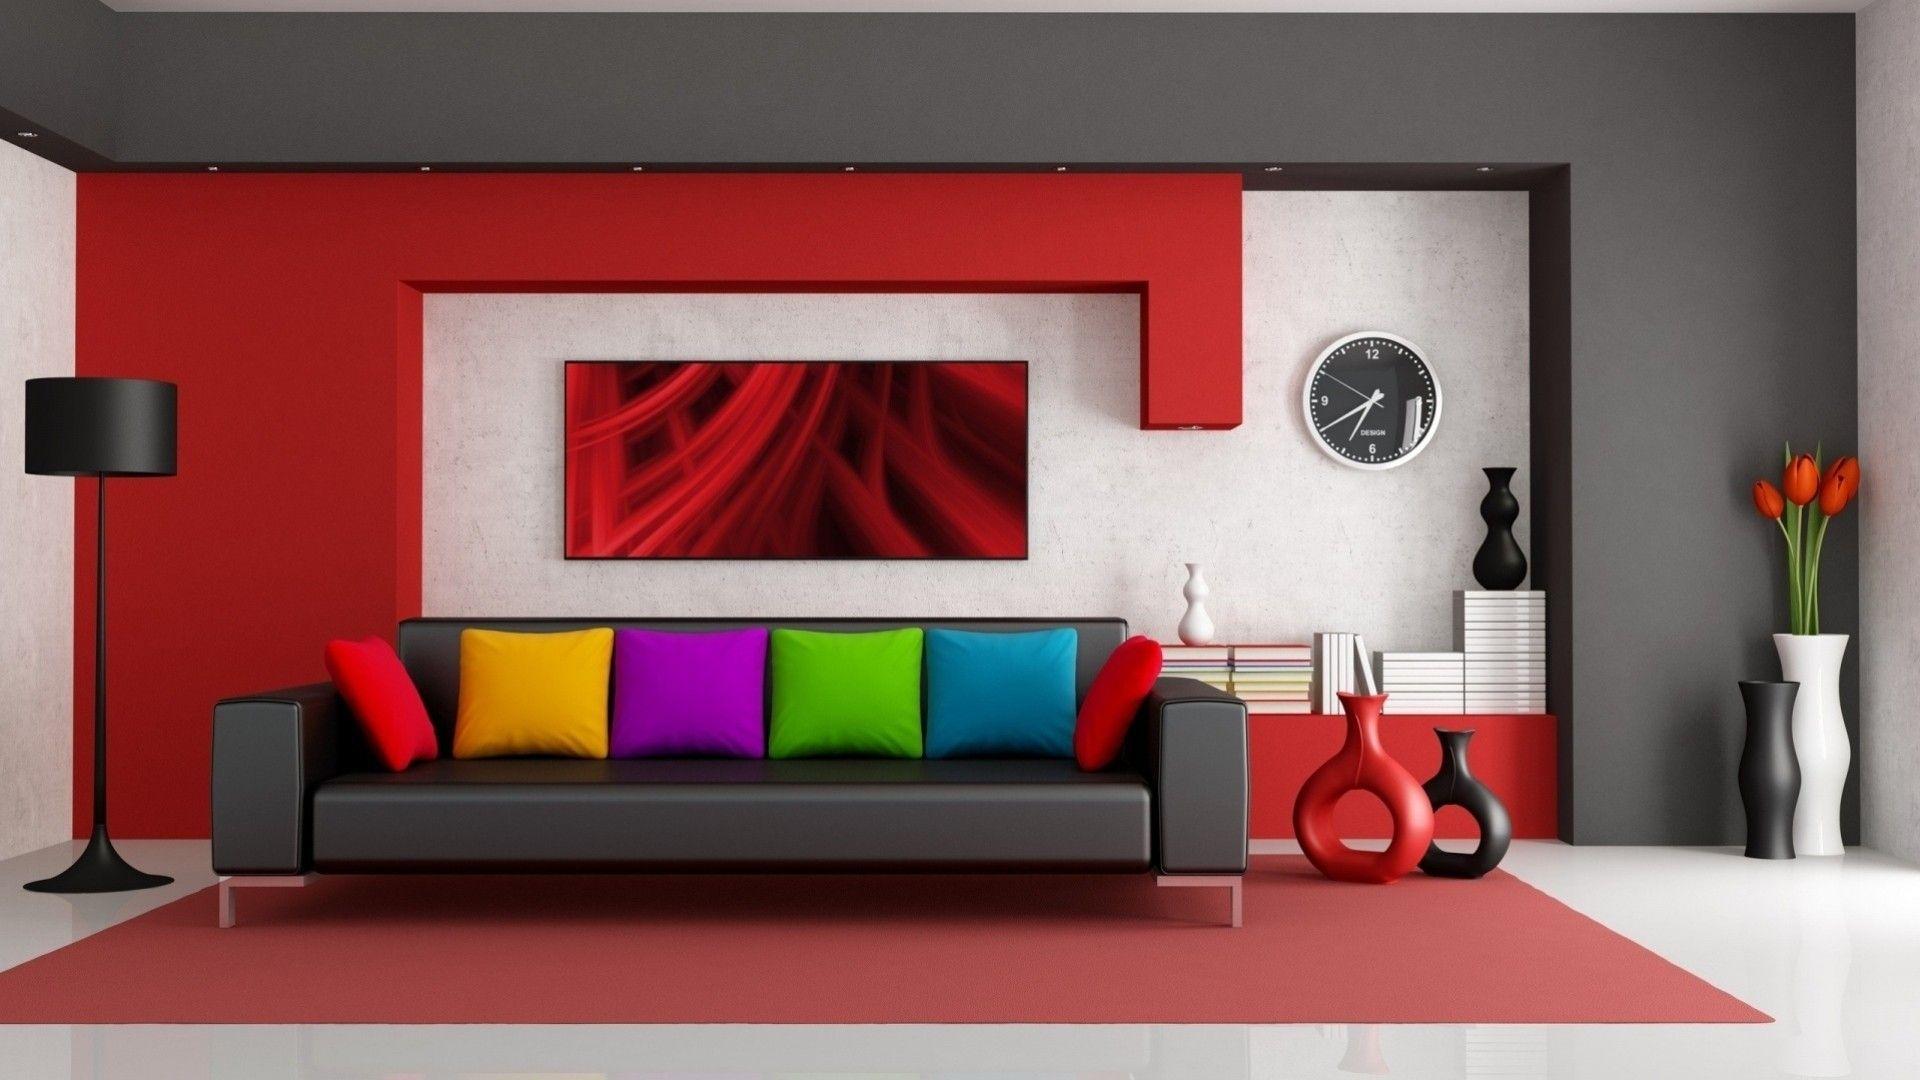 Salon Backdrop 1080p Wallpaper